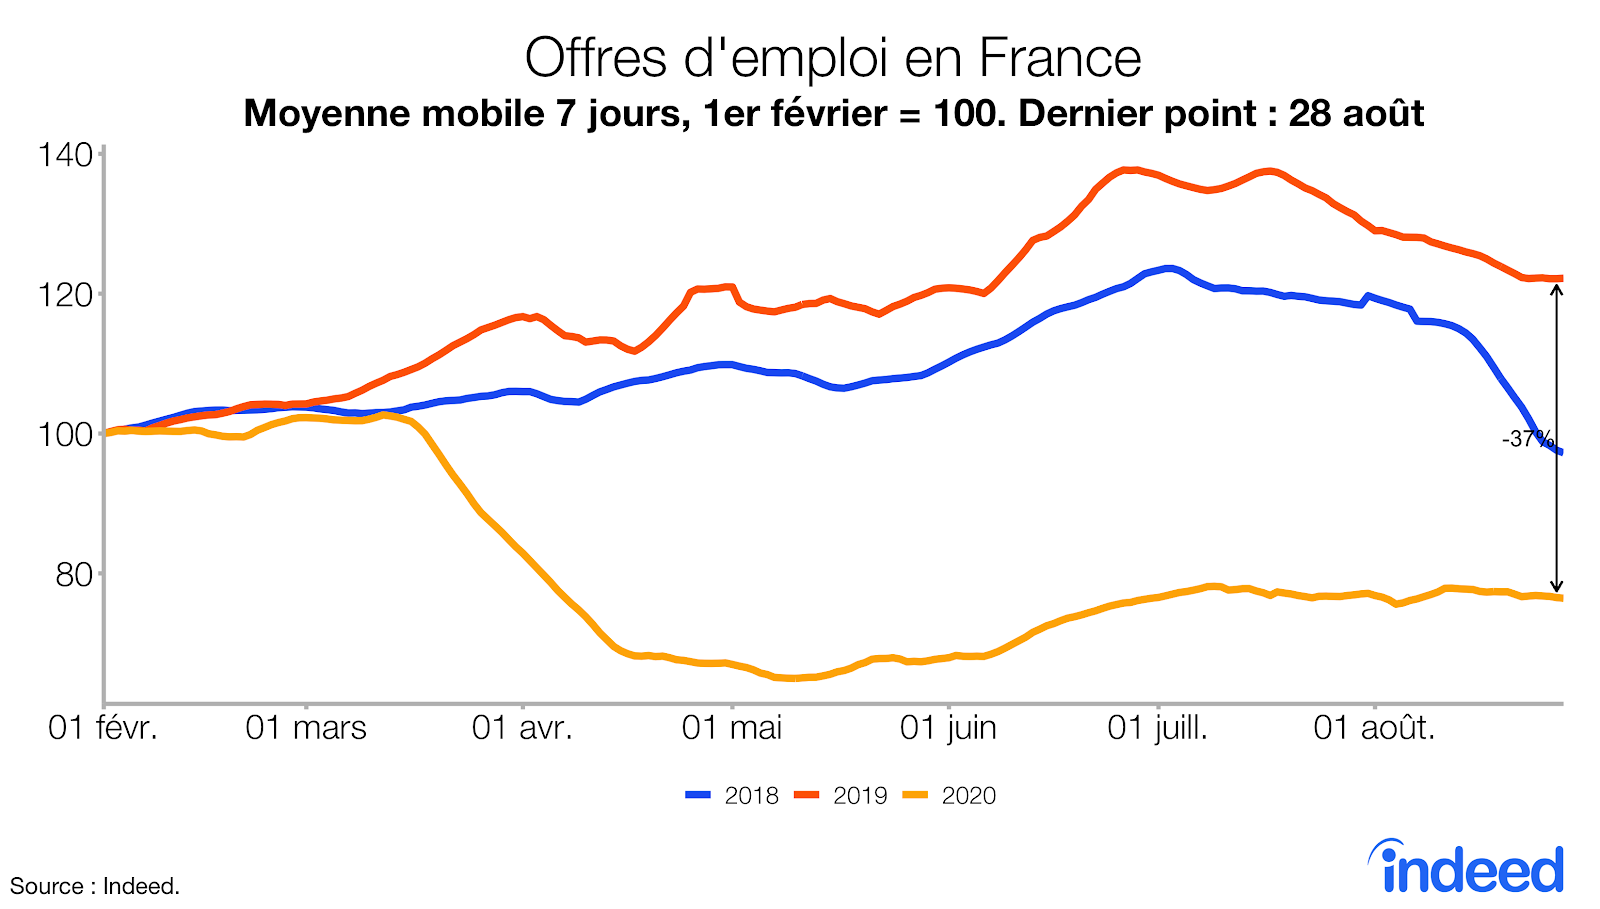 Offres d'emploi en France